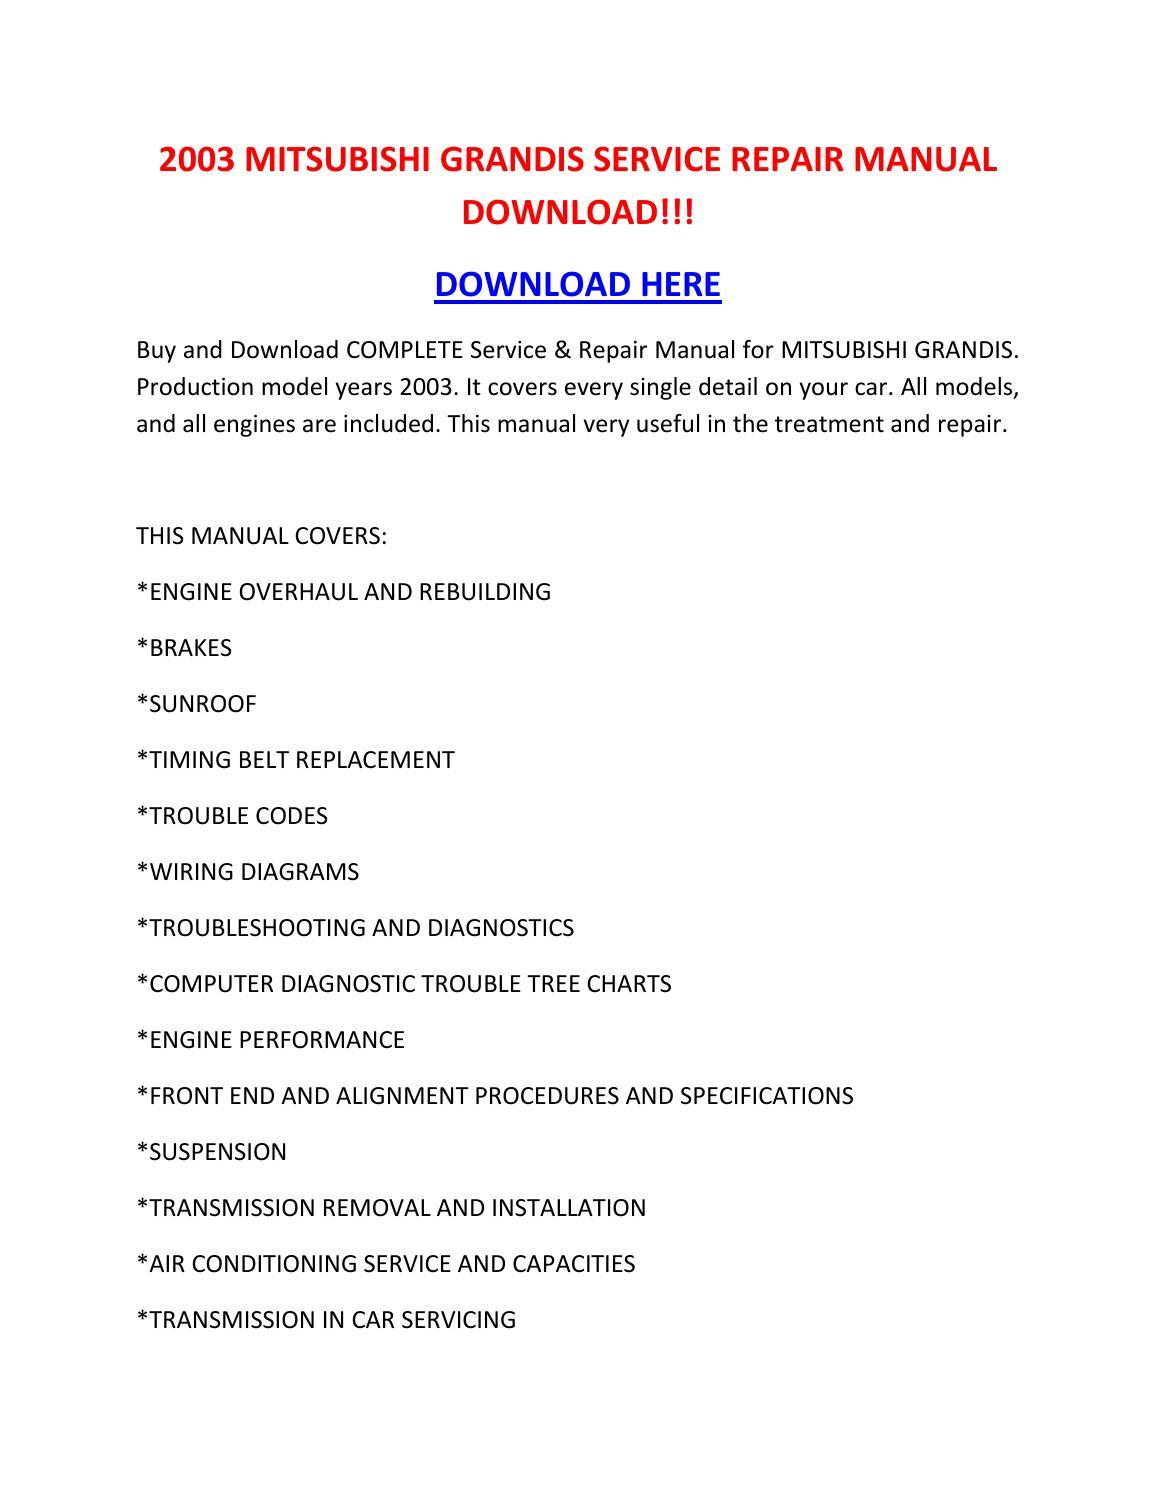 2003 Mitsubishi Grandis Service Repair Manual Download    By Tylerrk